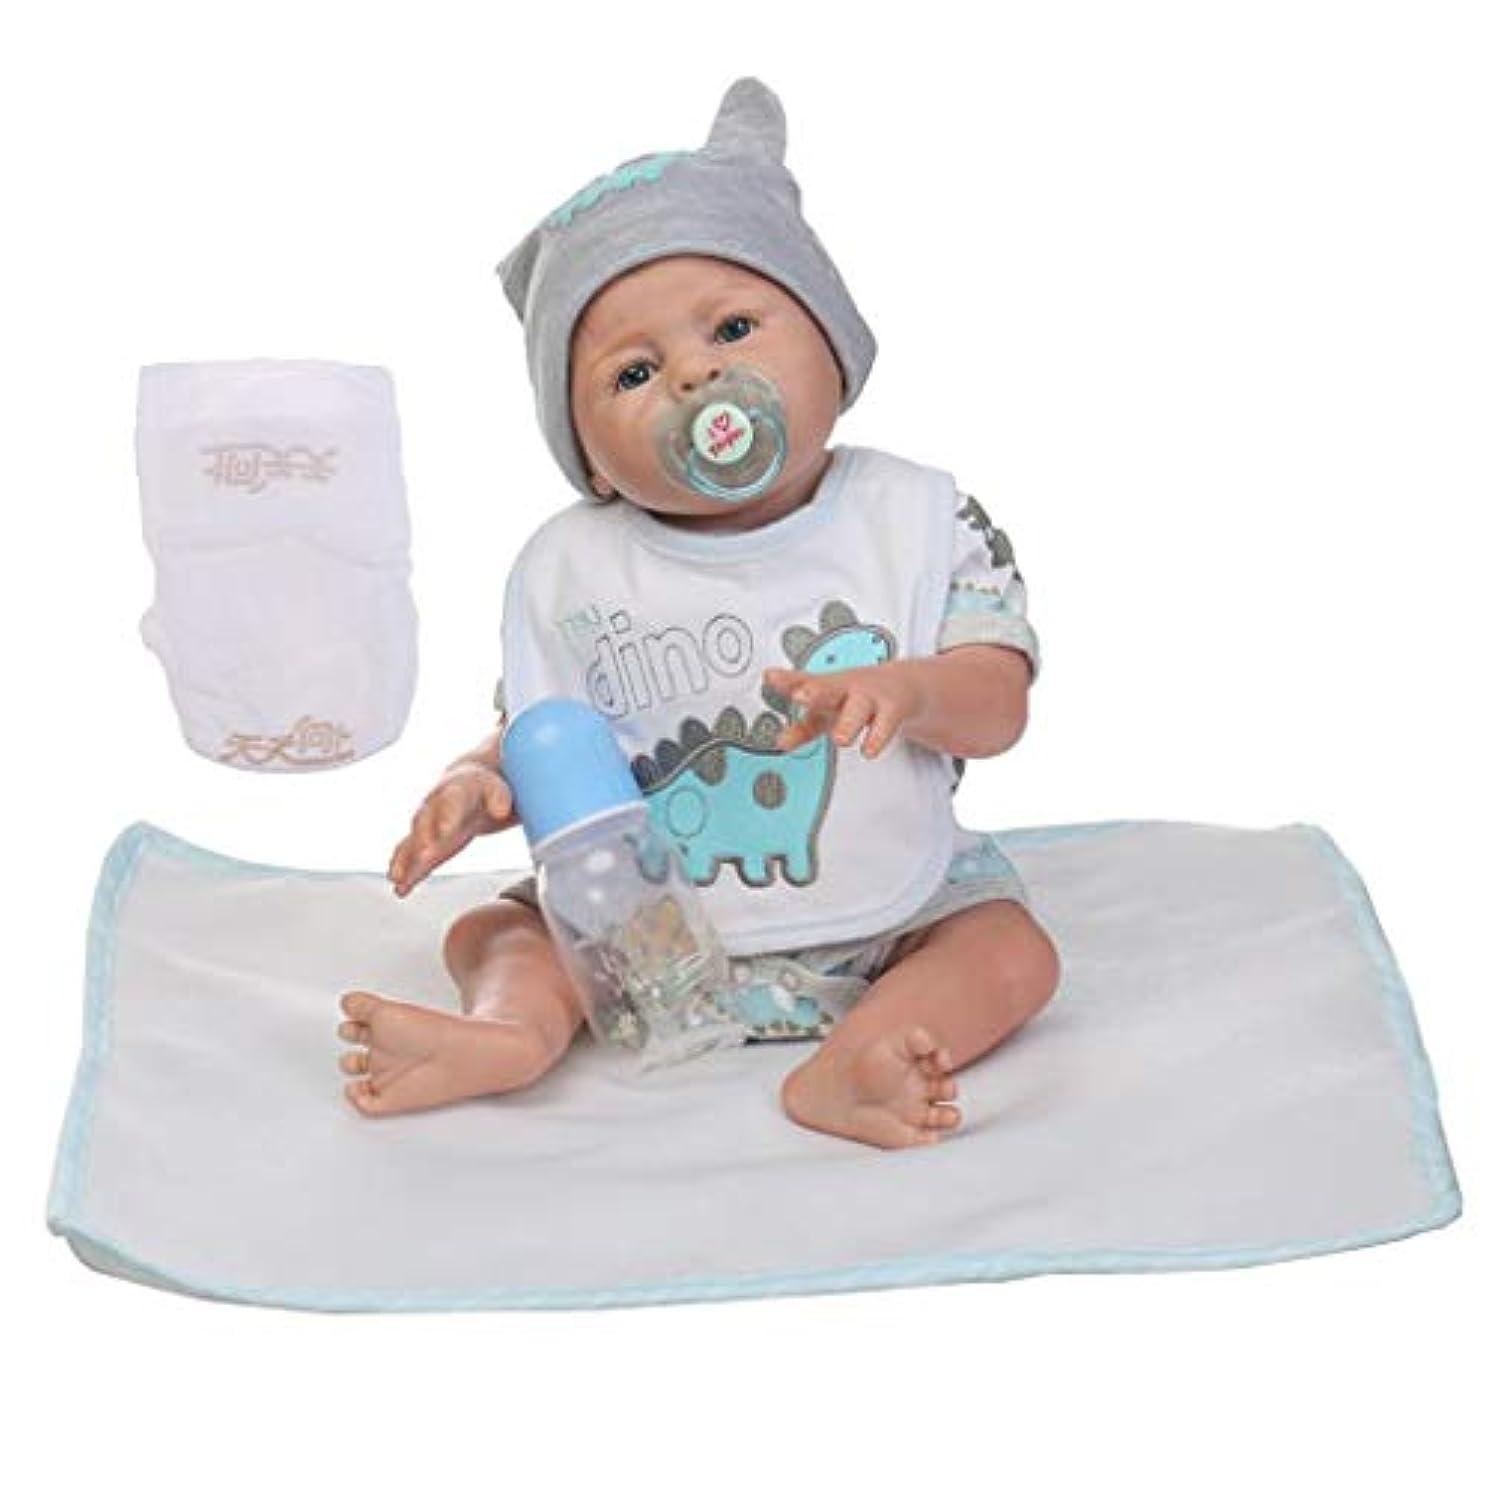 納屋ネクタイ一握りToygogo 18インチ 新生児人形 服装セット 赤ちゃん人形 ベビードール ベビー 手作り 工芸品 出産祝い ギフト